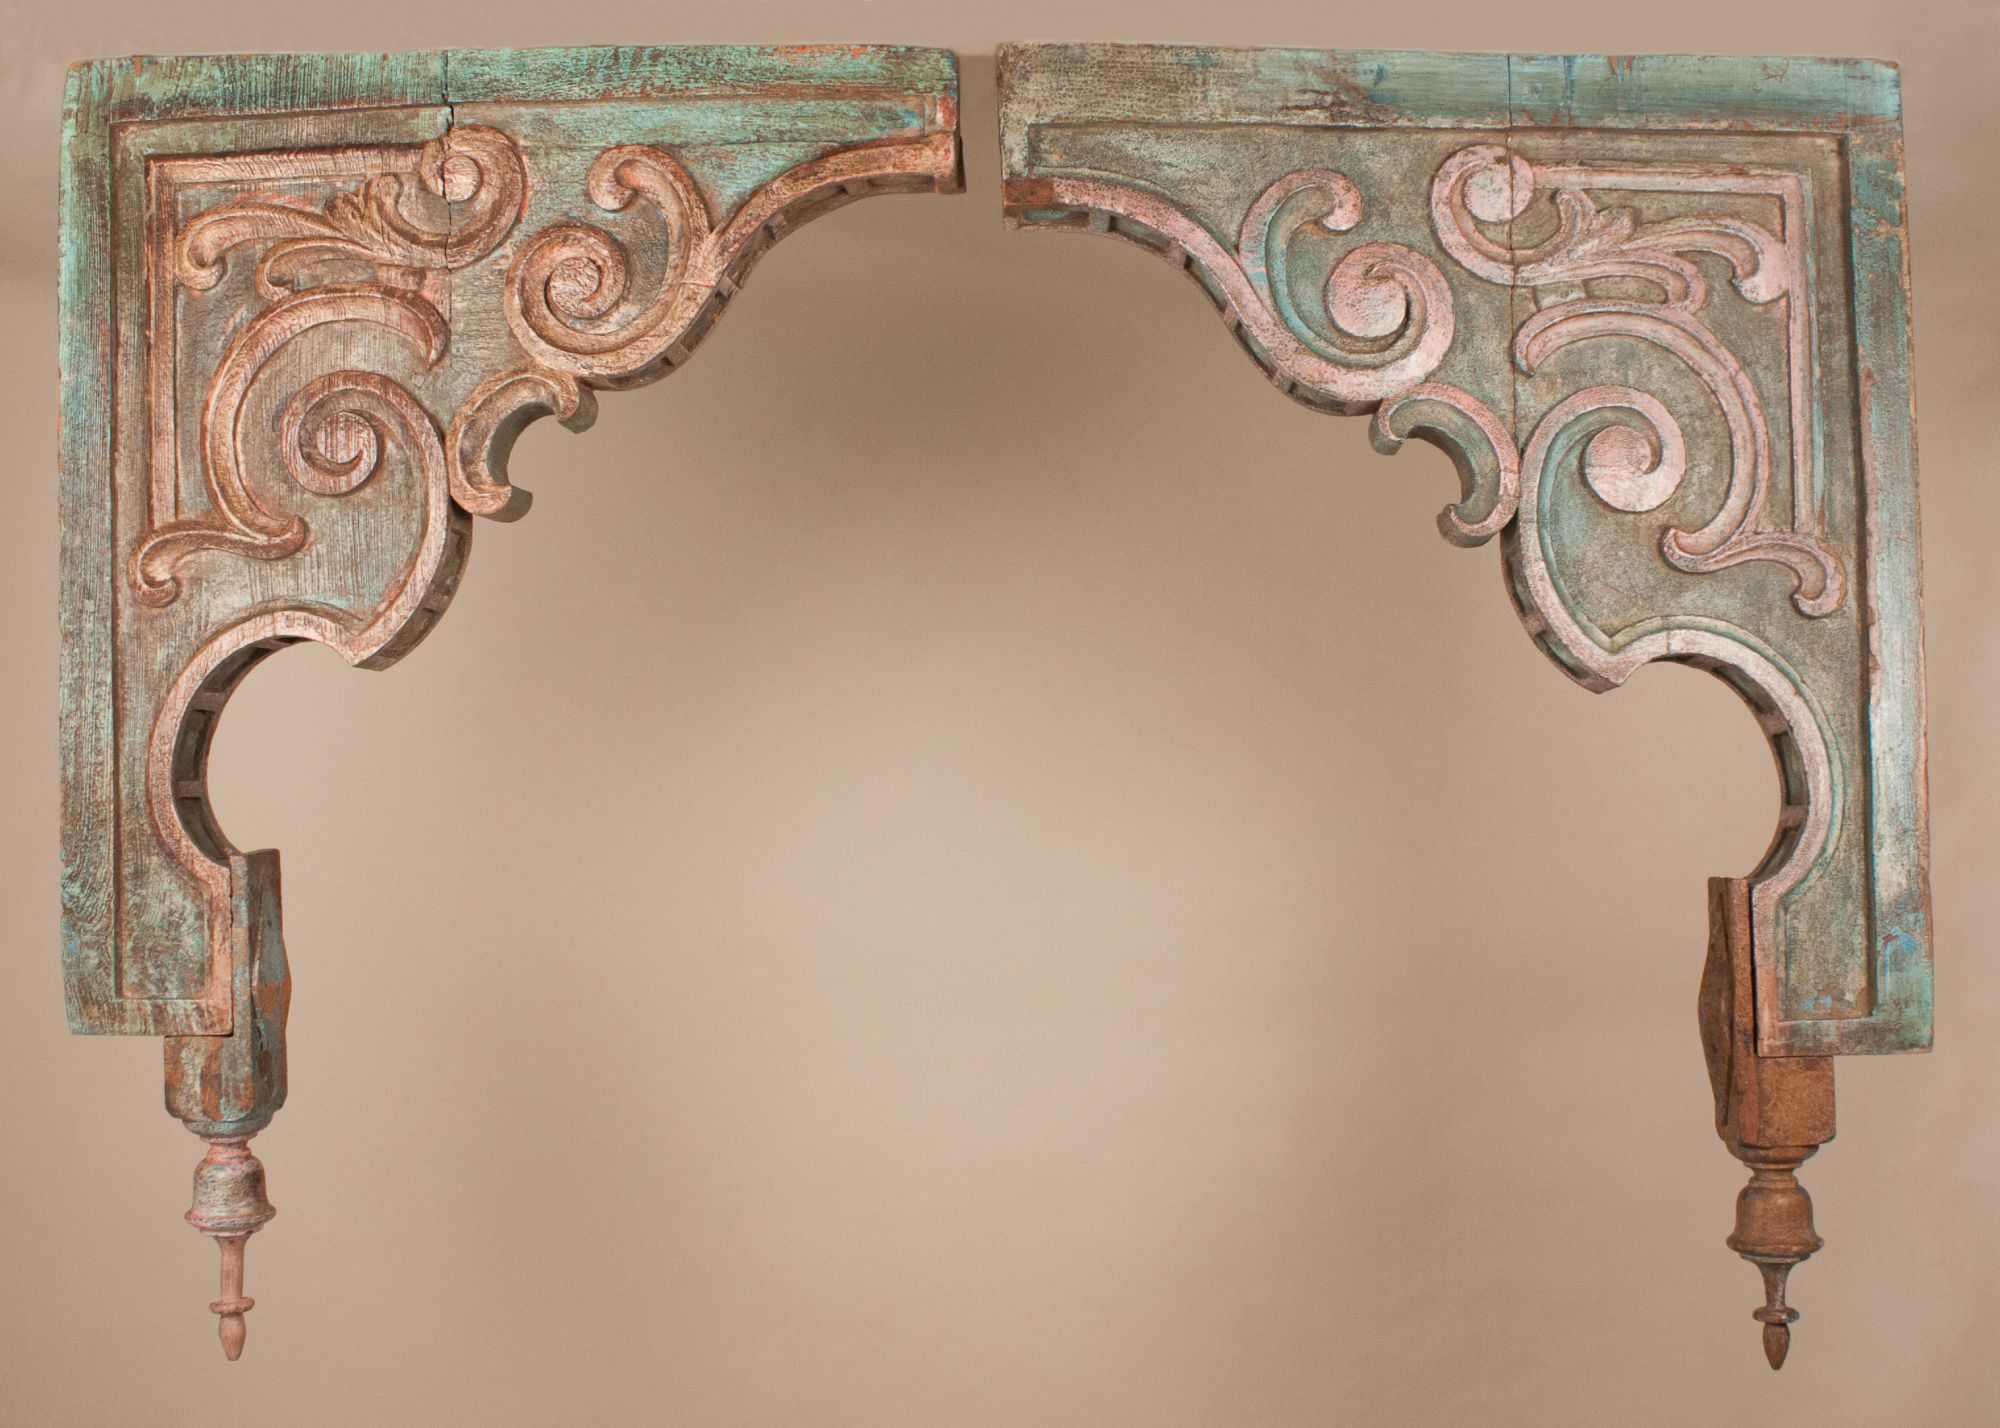 Pair Of Antique Painted Teak Wood Corbels From Gujarat